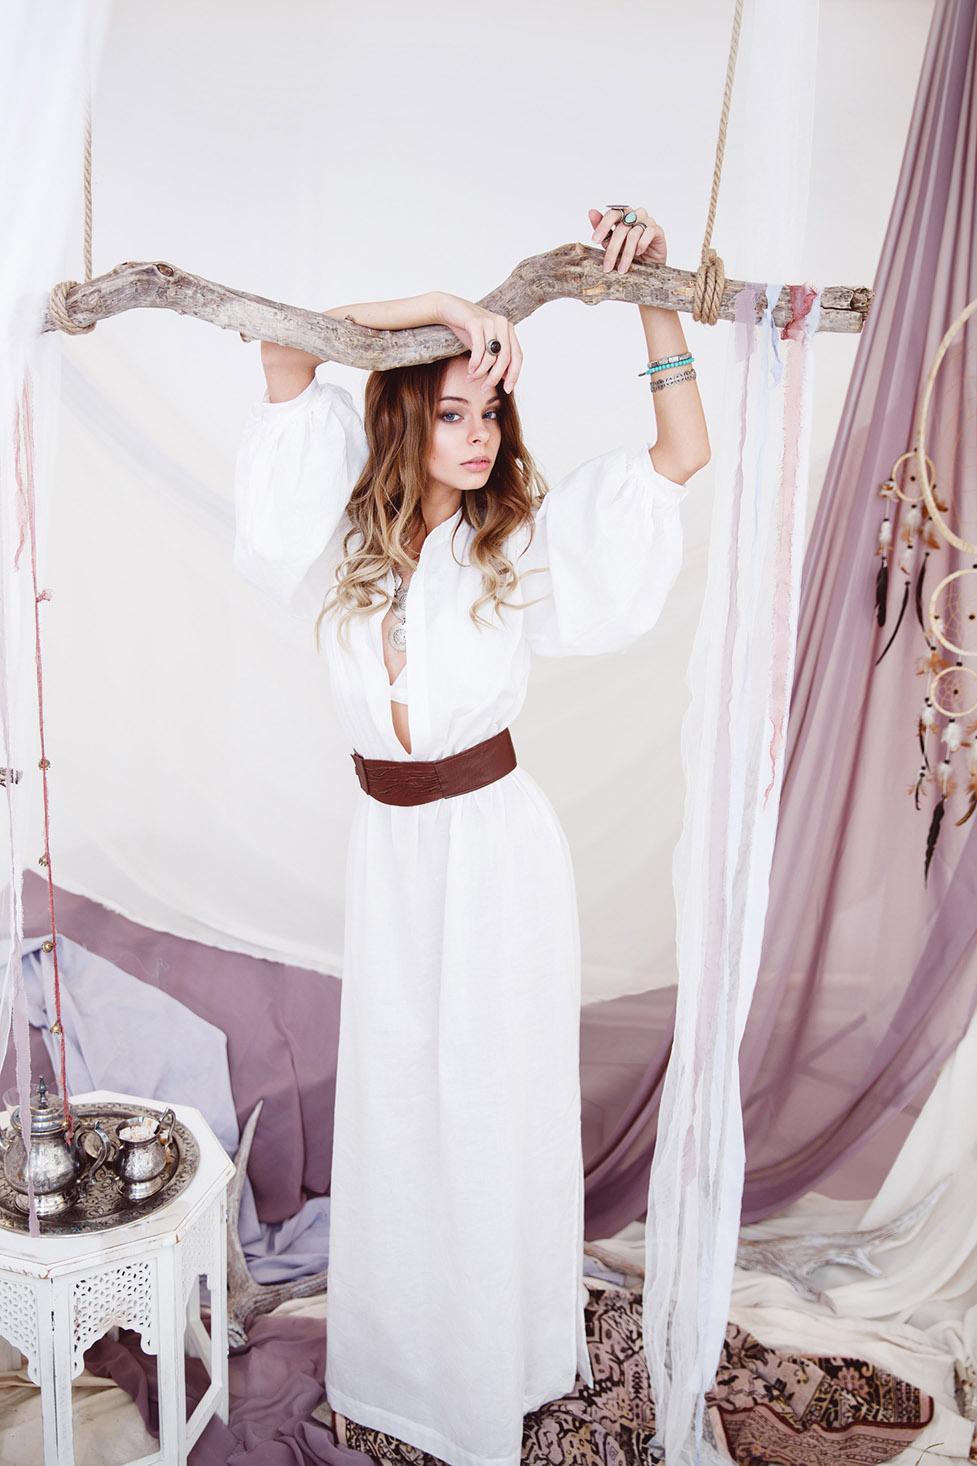 Boho / Kristina Makeich by Kseniya Chebiryak